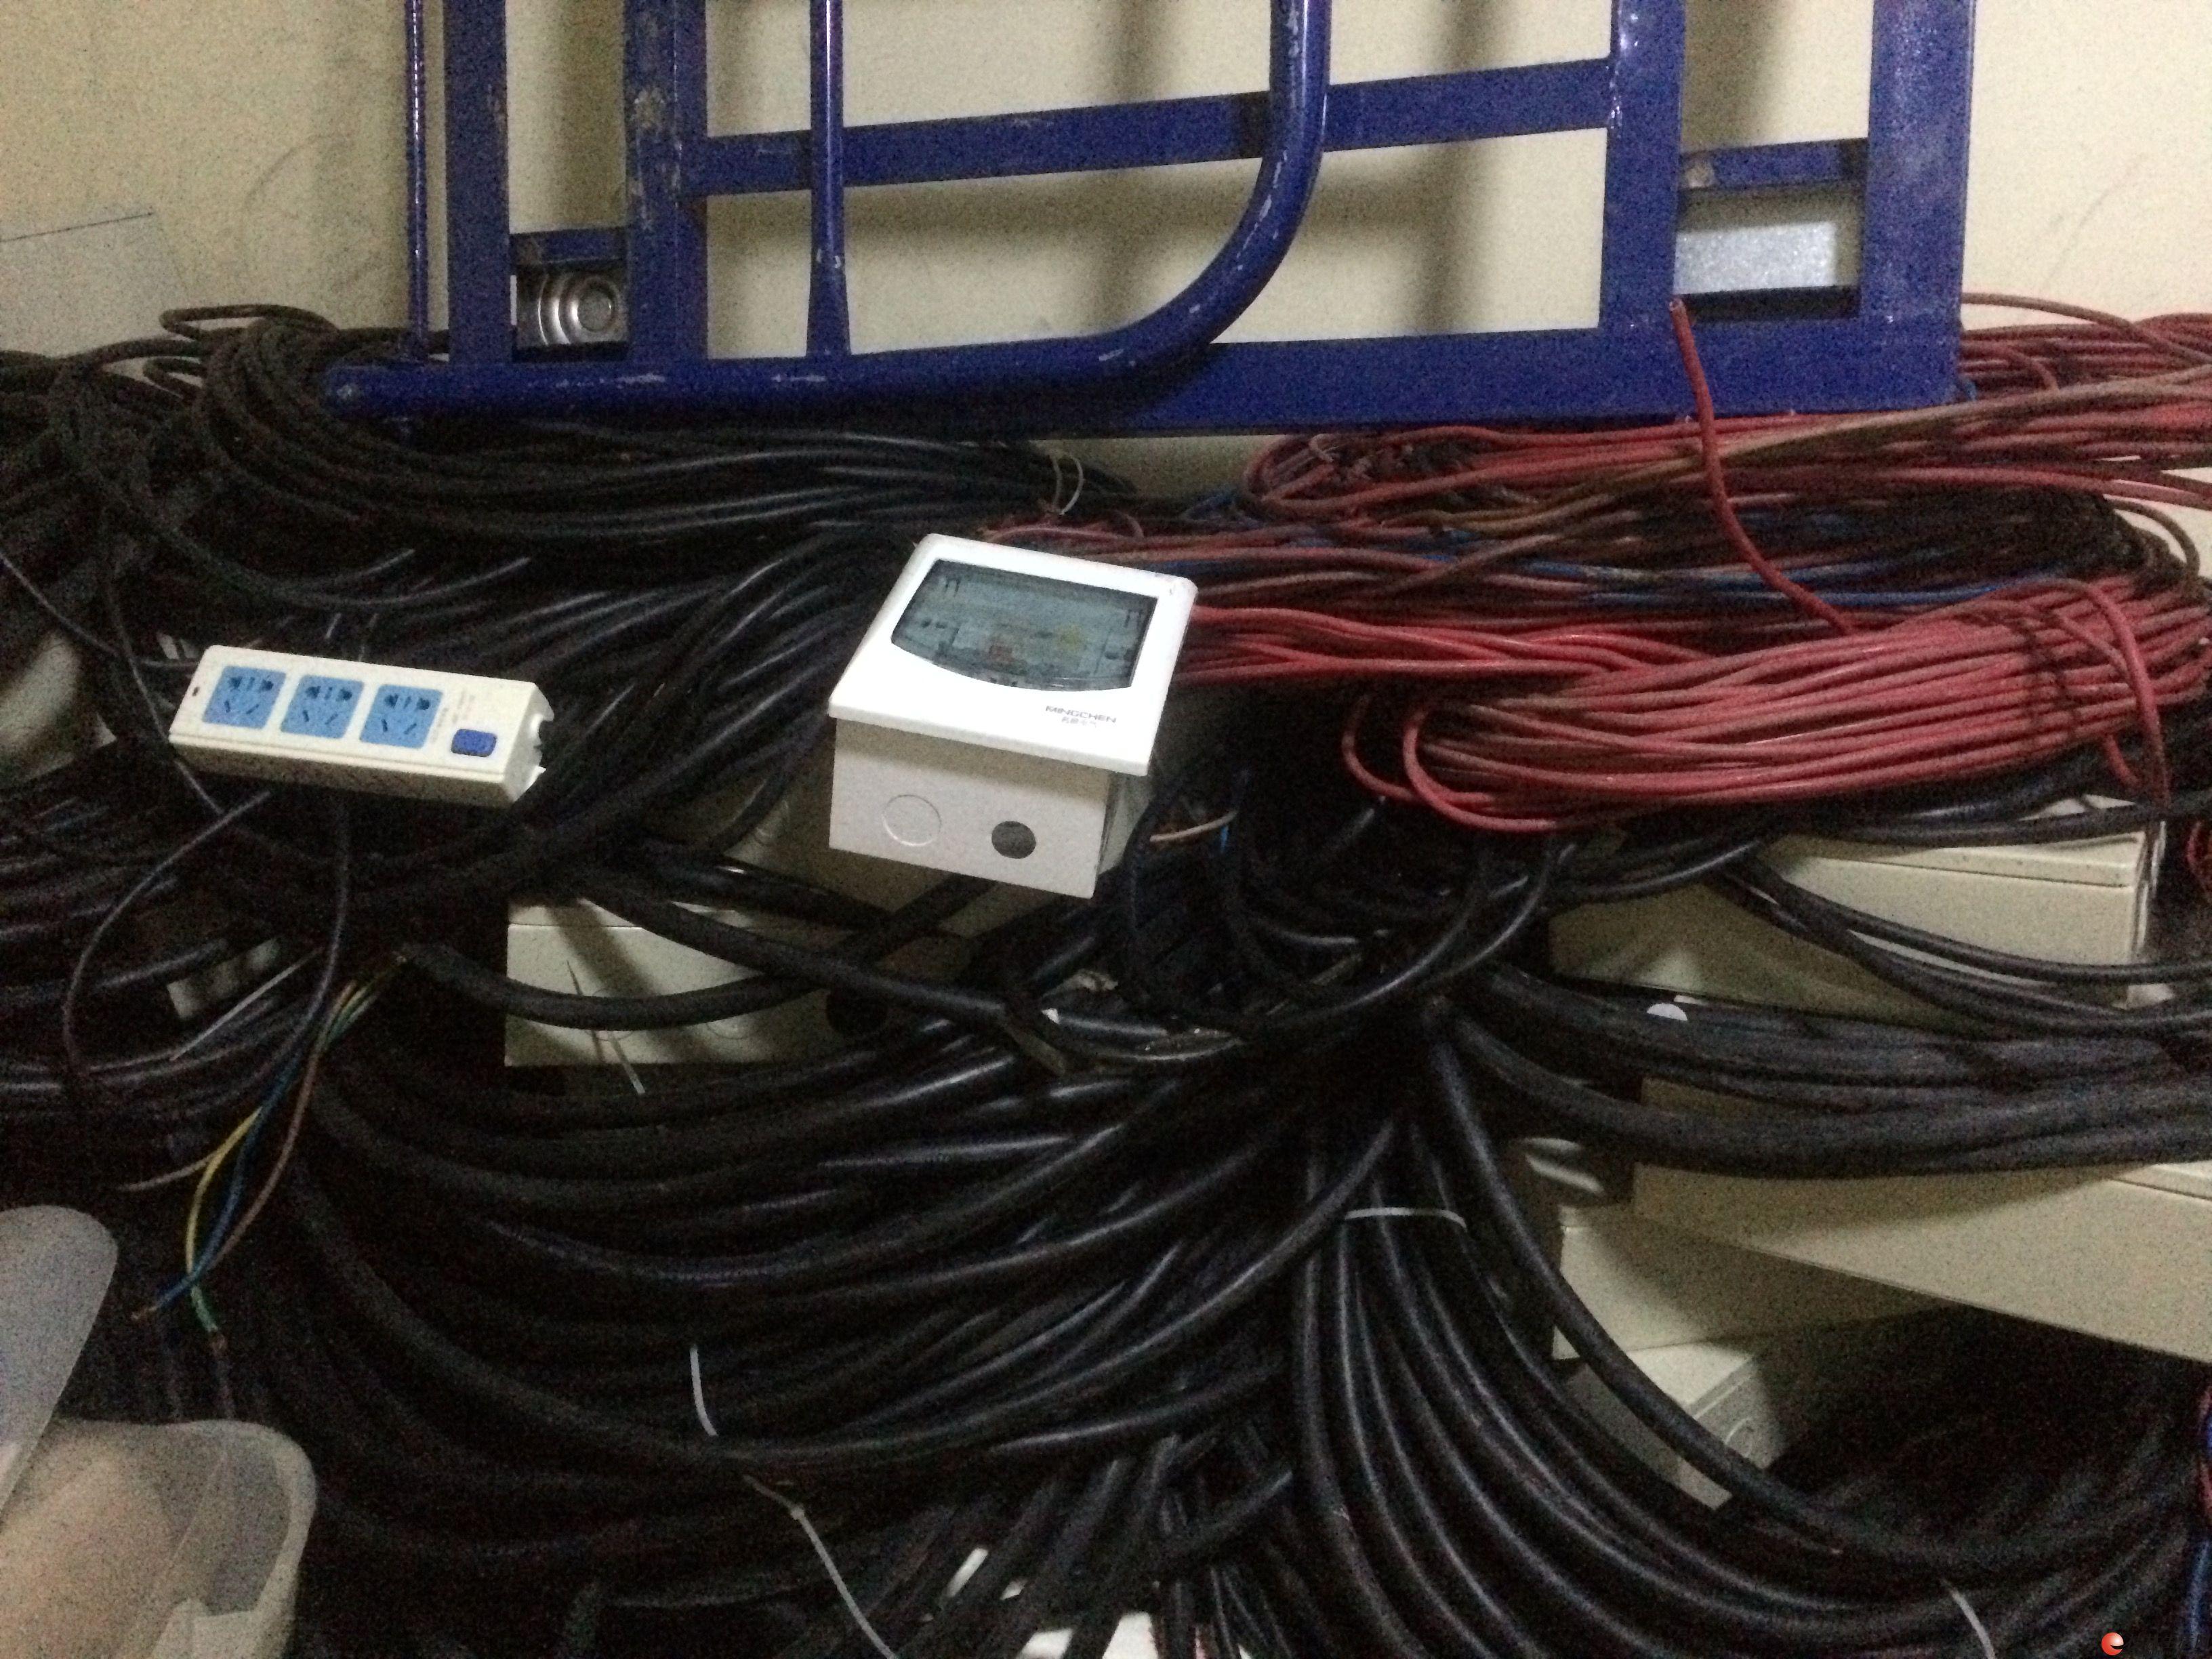 9.5成新.万博体育客户端国际电缆,德力西电箱转让